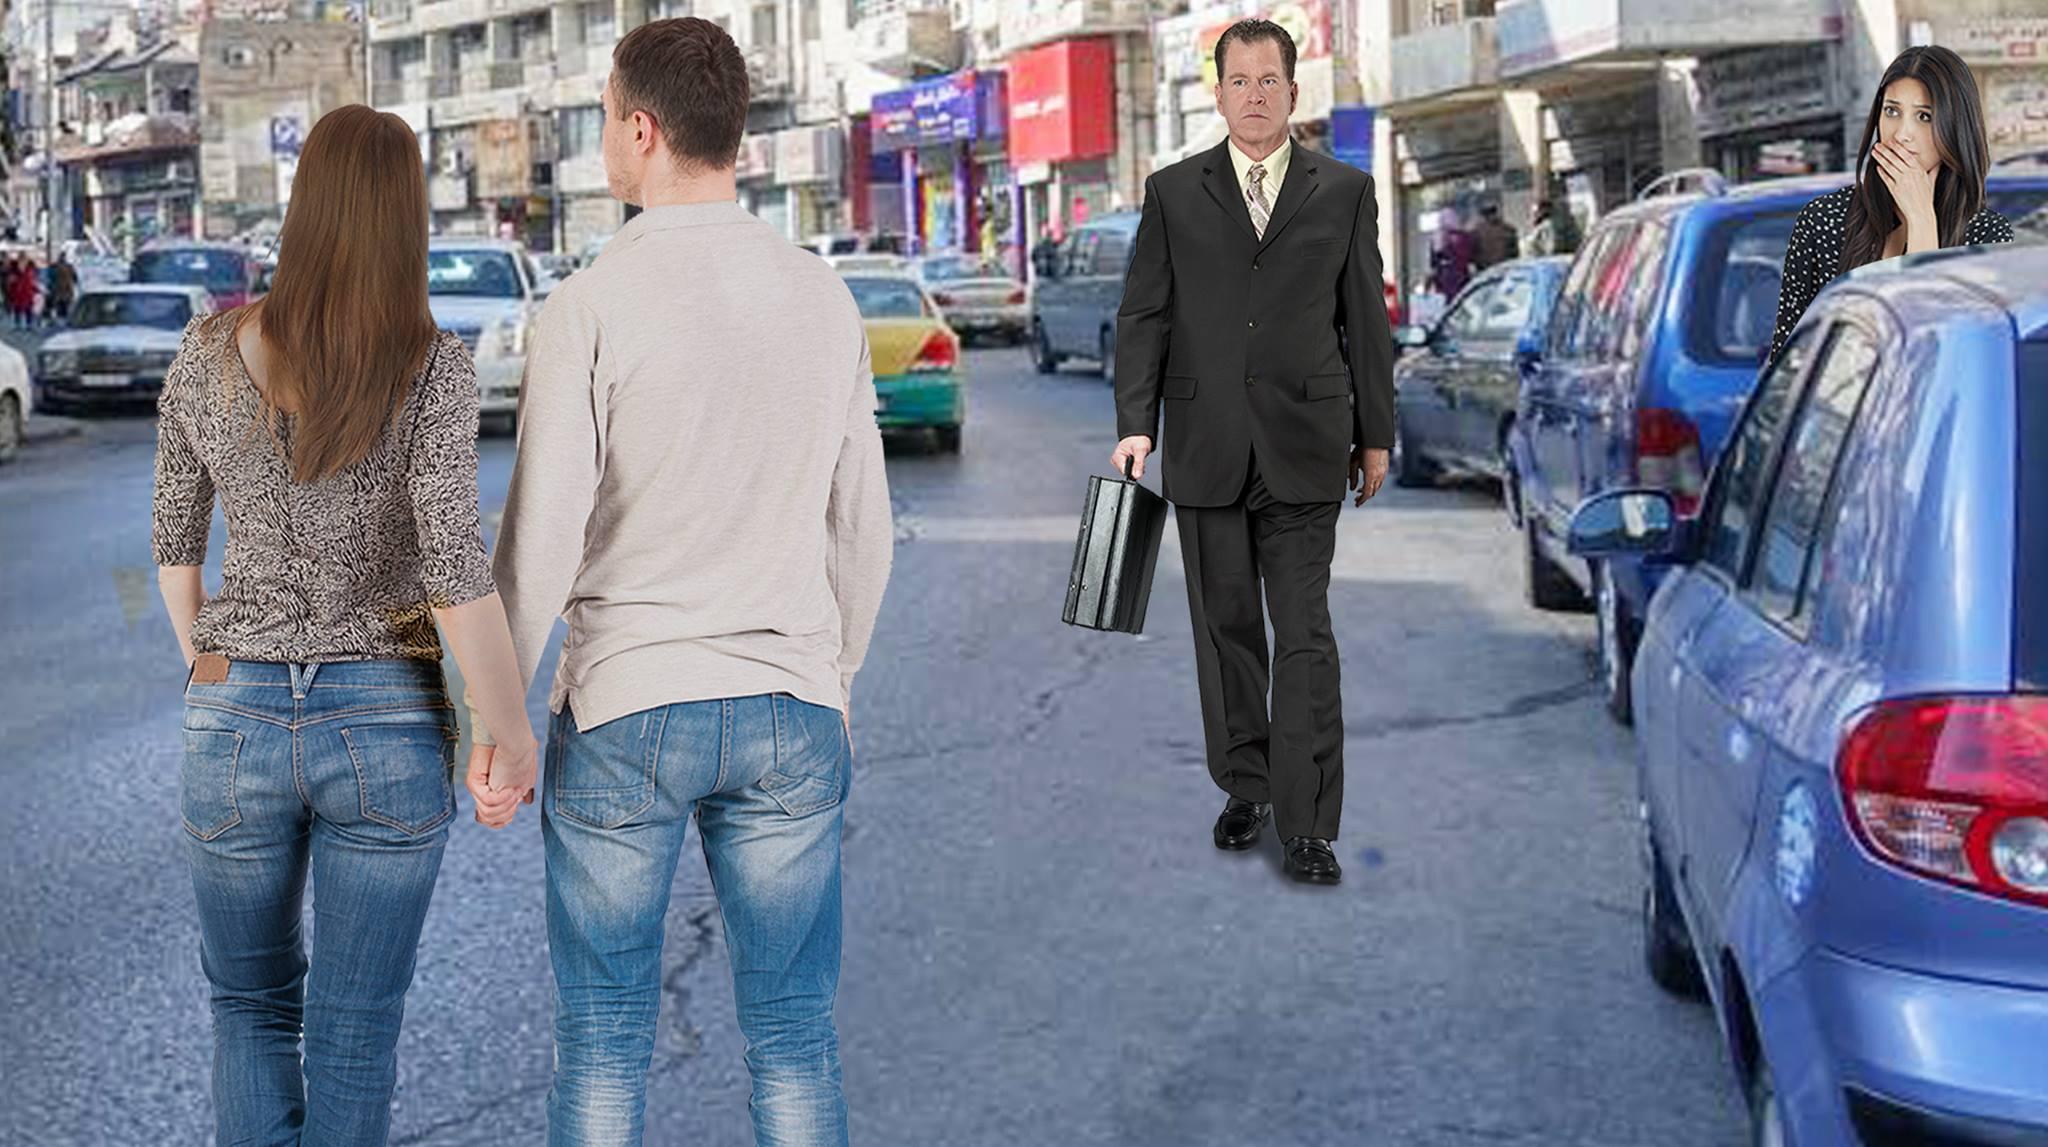 صورة امرأة تُمسك يد زوجها بكل وقاحة أمام العامة في الشارع